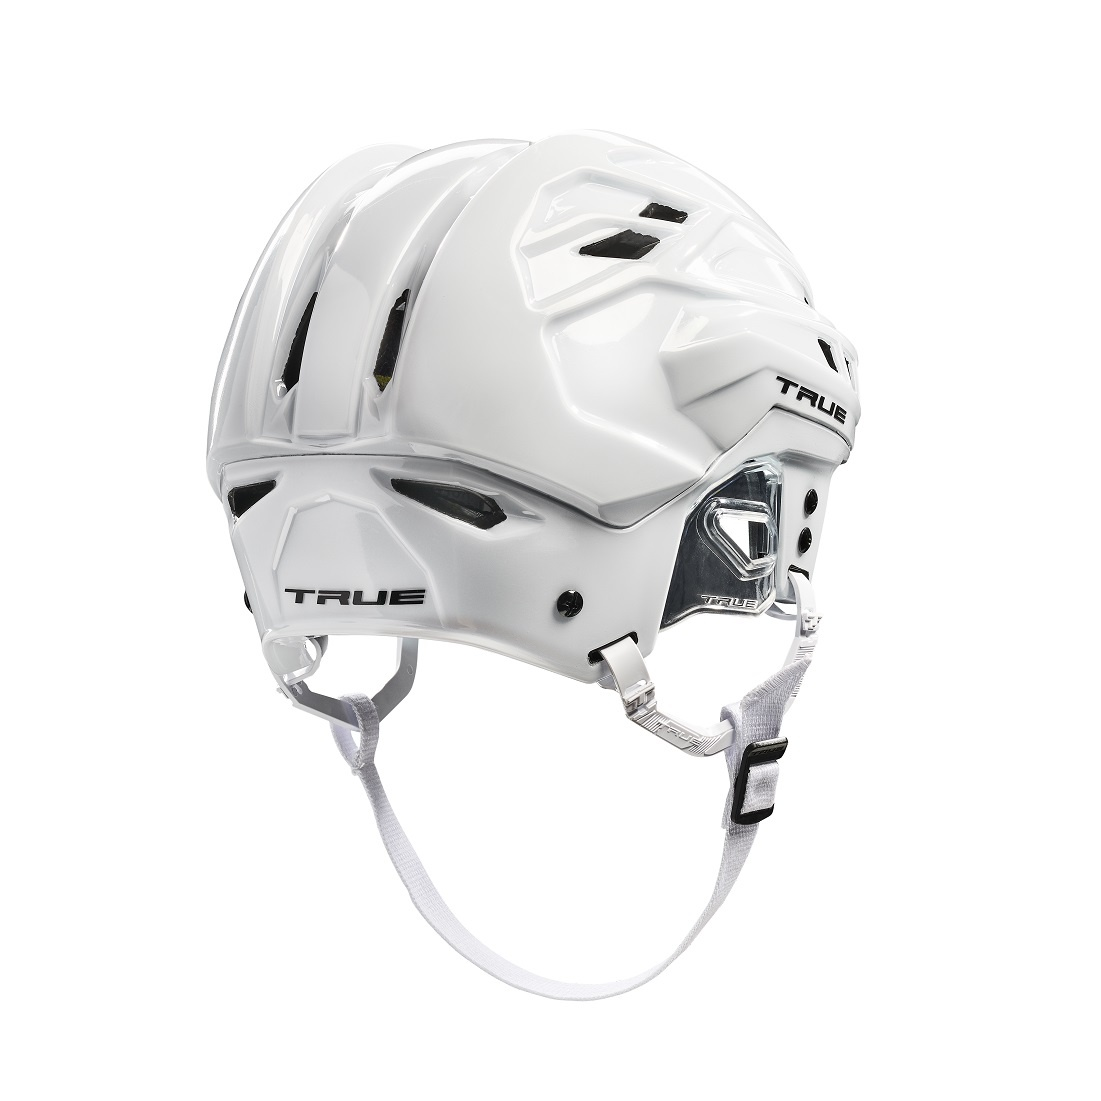 true hockey helmets canada